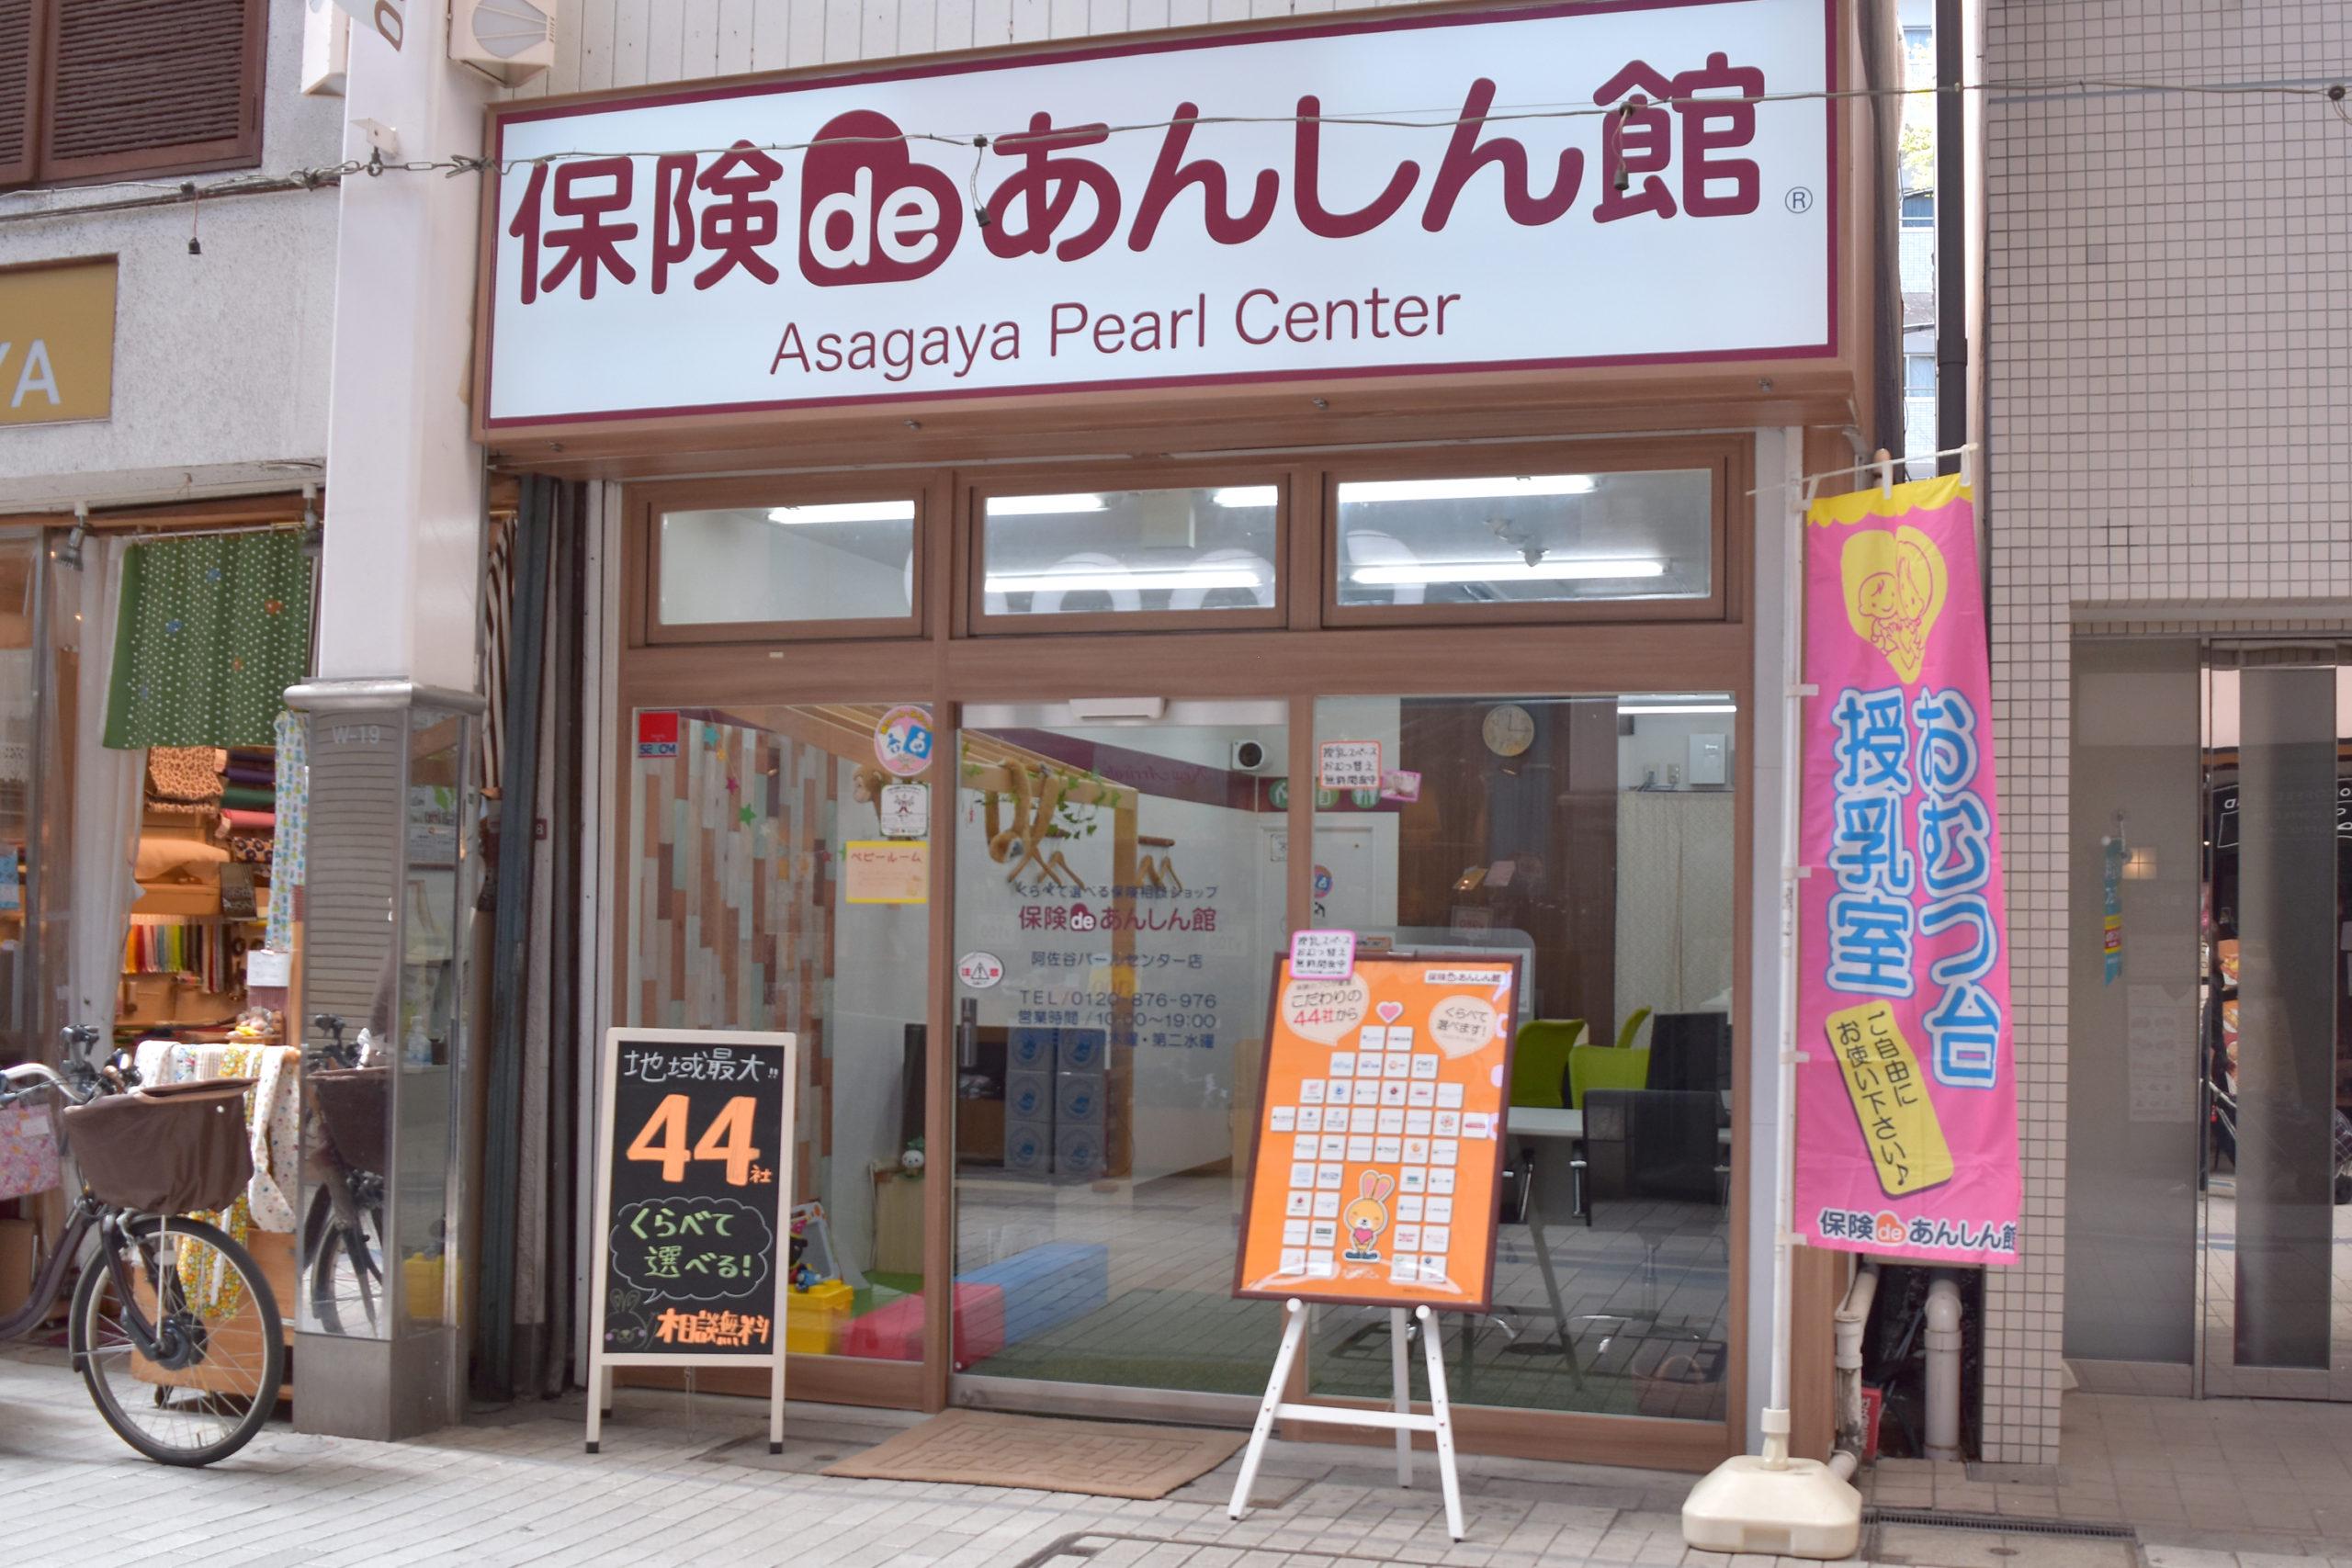 阿佐谷パールセンター店